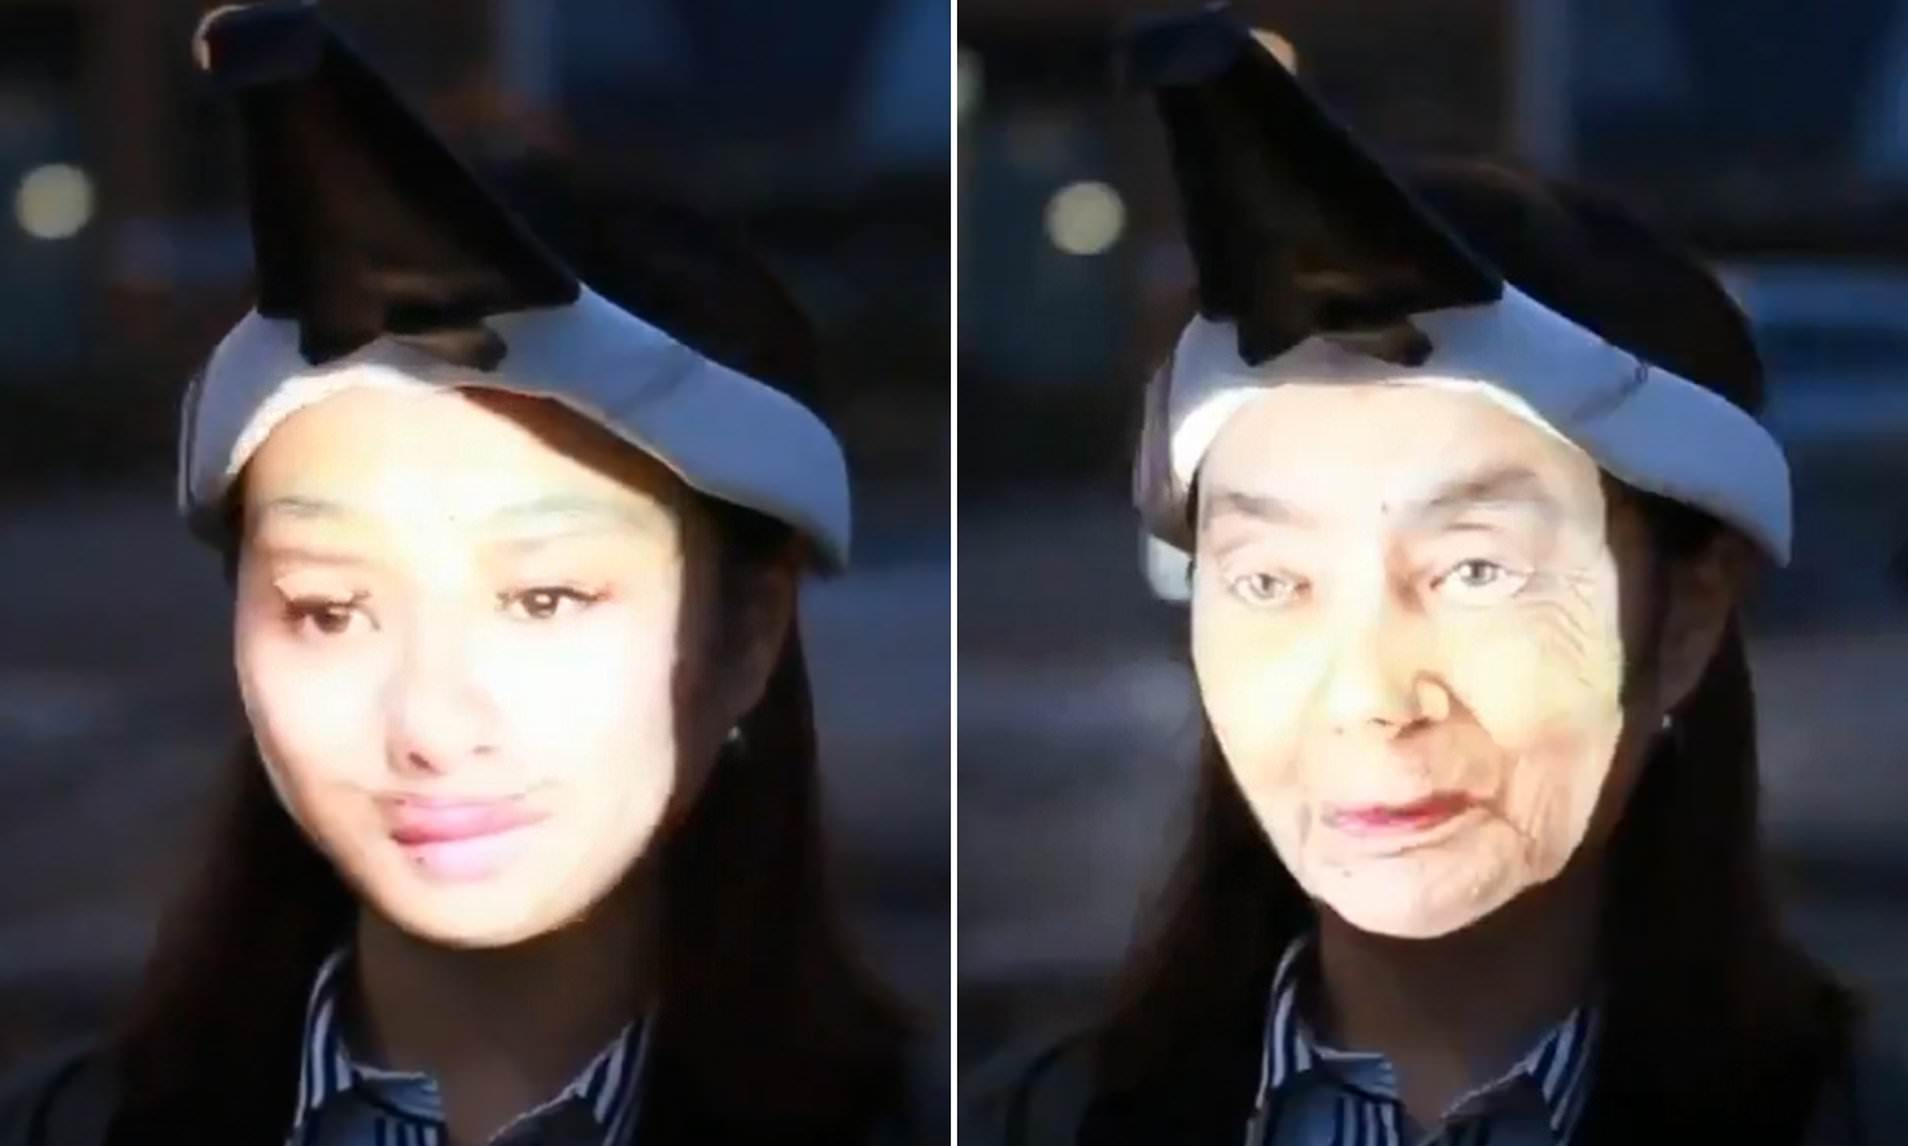 Специальный проектор лица для обмана системы камер оснашенных технологией распознования лиц